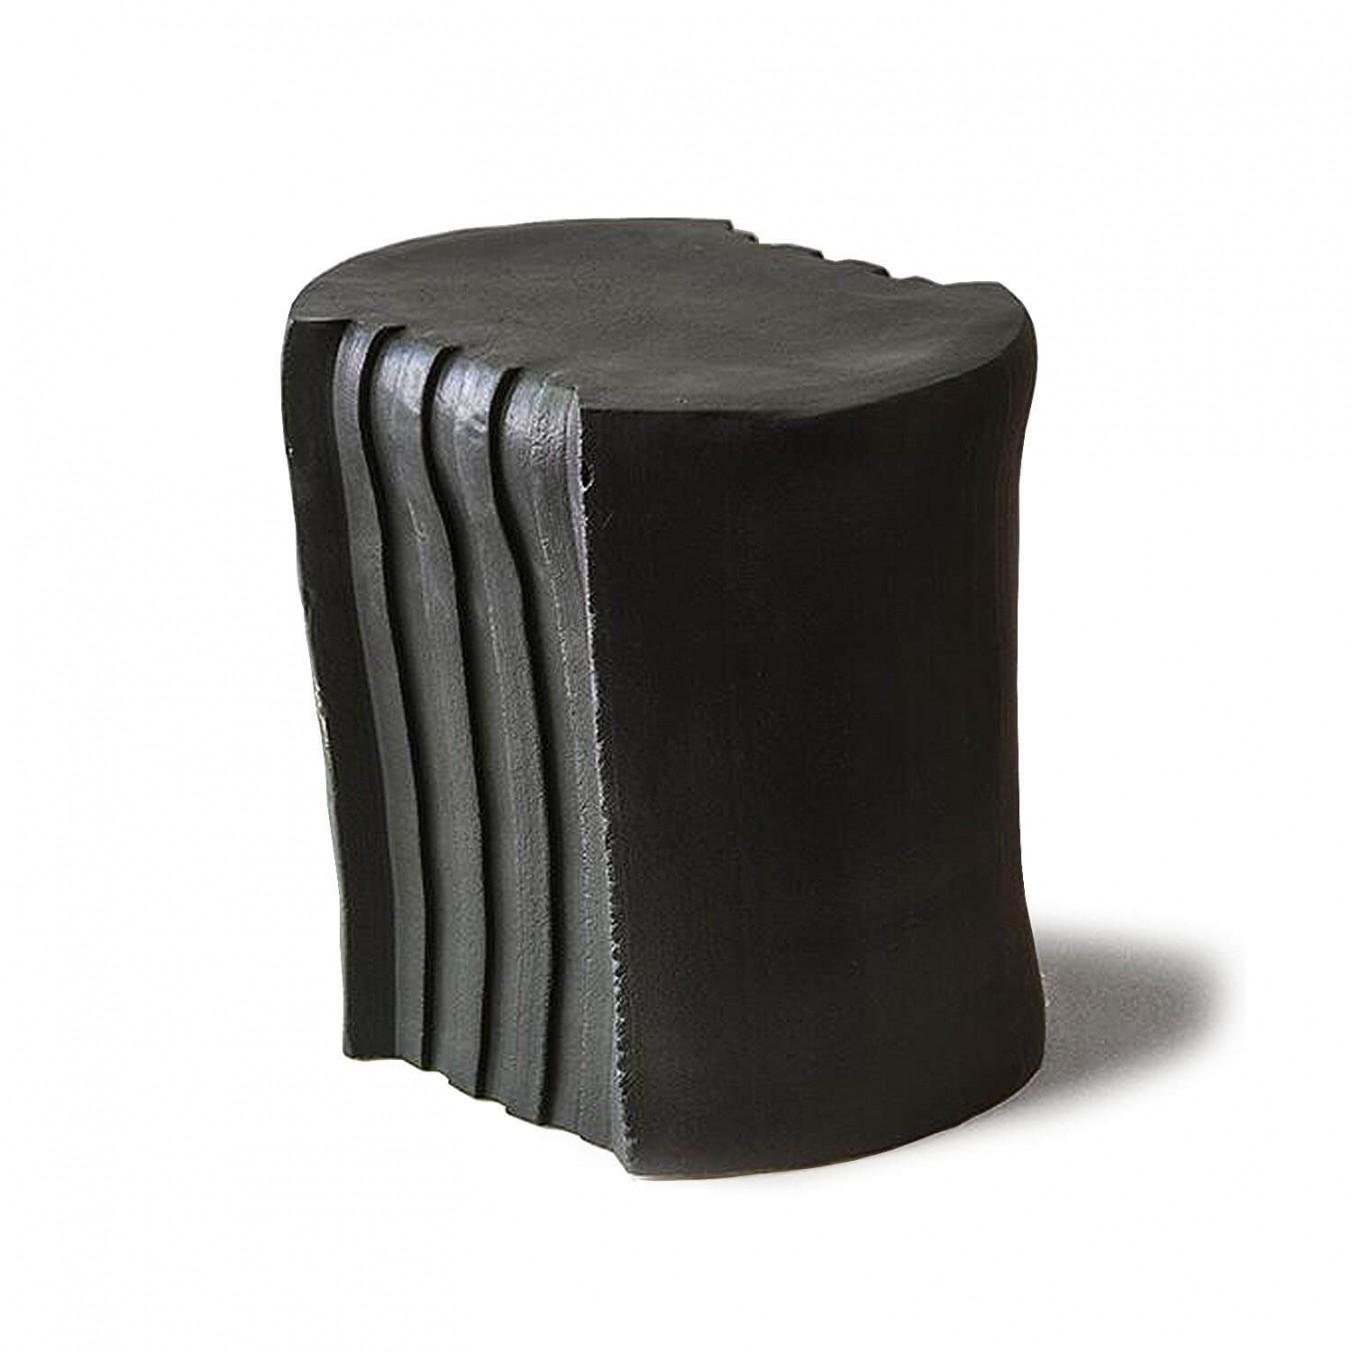 pressed stool with glaze | model 4